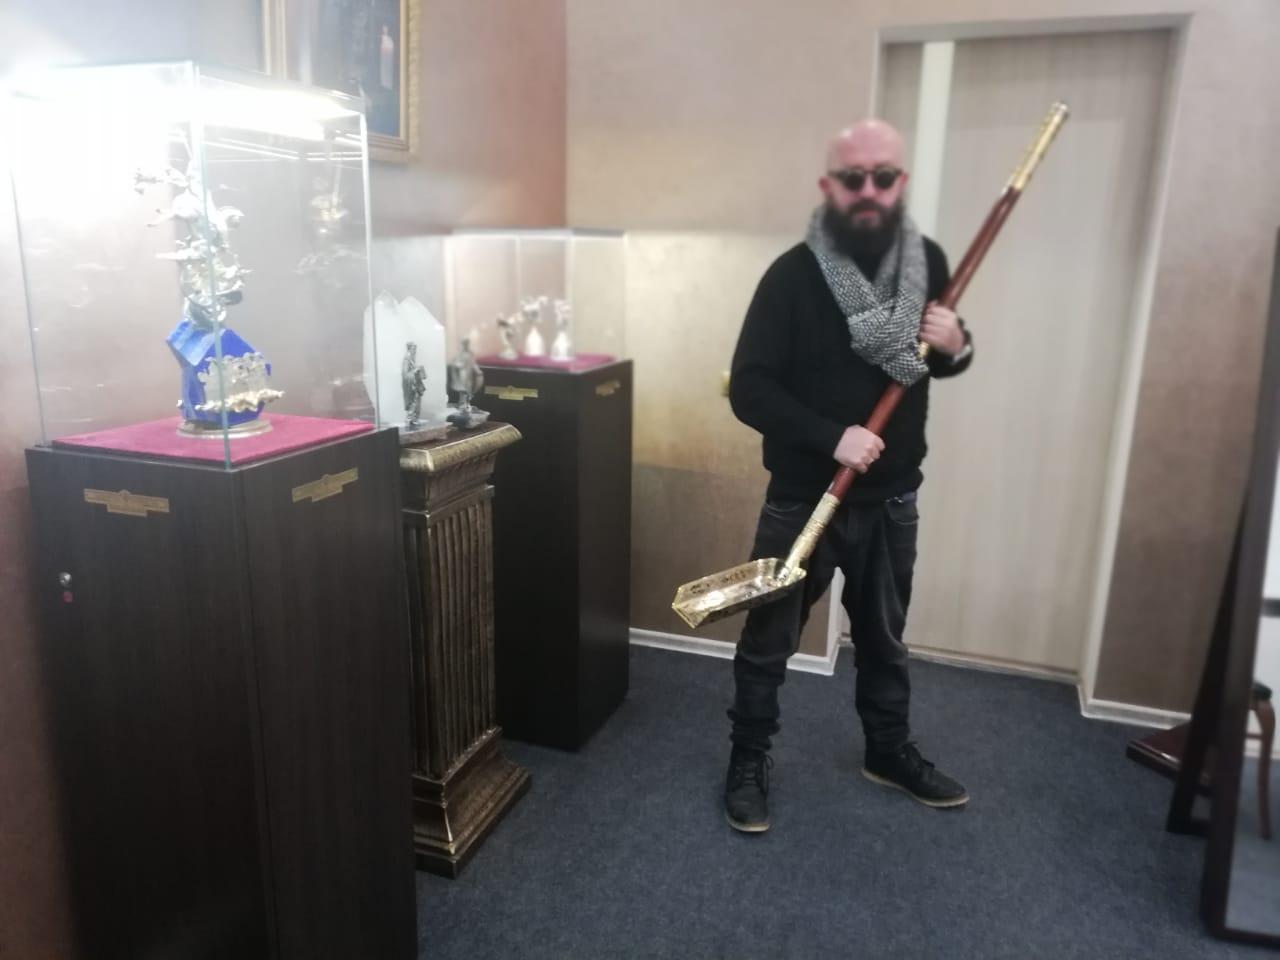 Совковая лопата за 15 000 долларов — удивительный подарок для ОЧЕНЬ ДЕЛОВЫХ ЛЮДЕЙ!